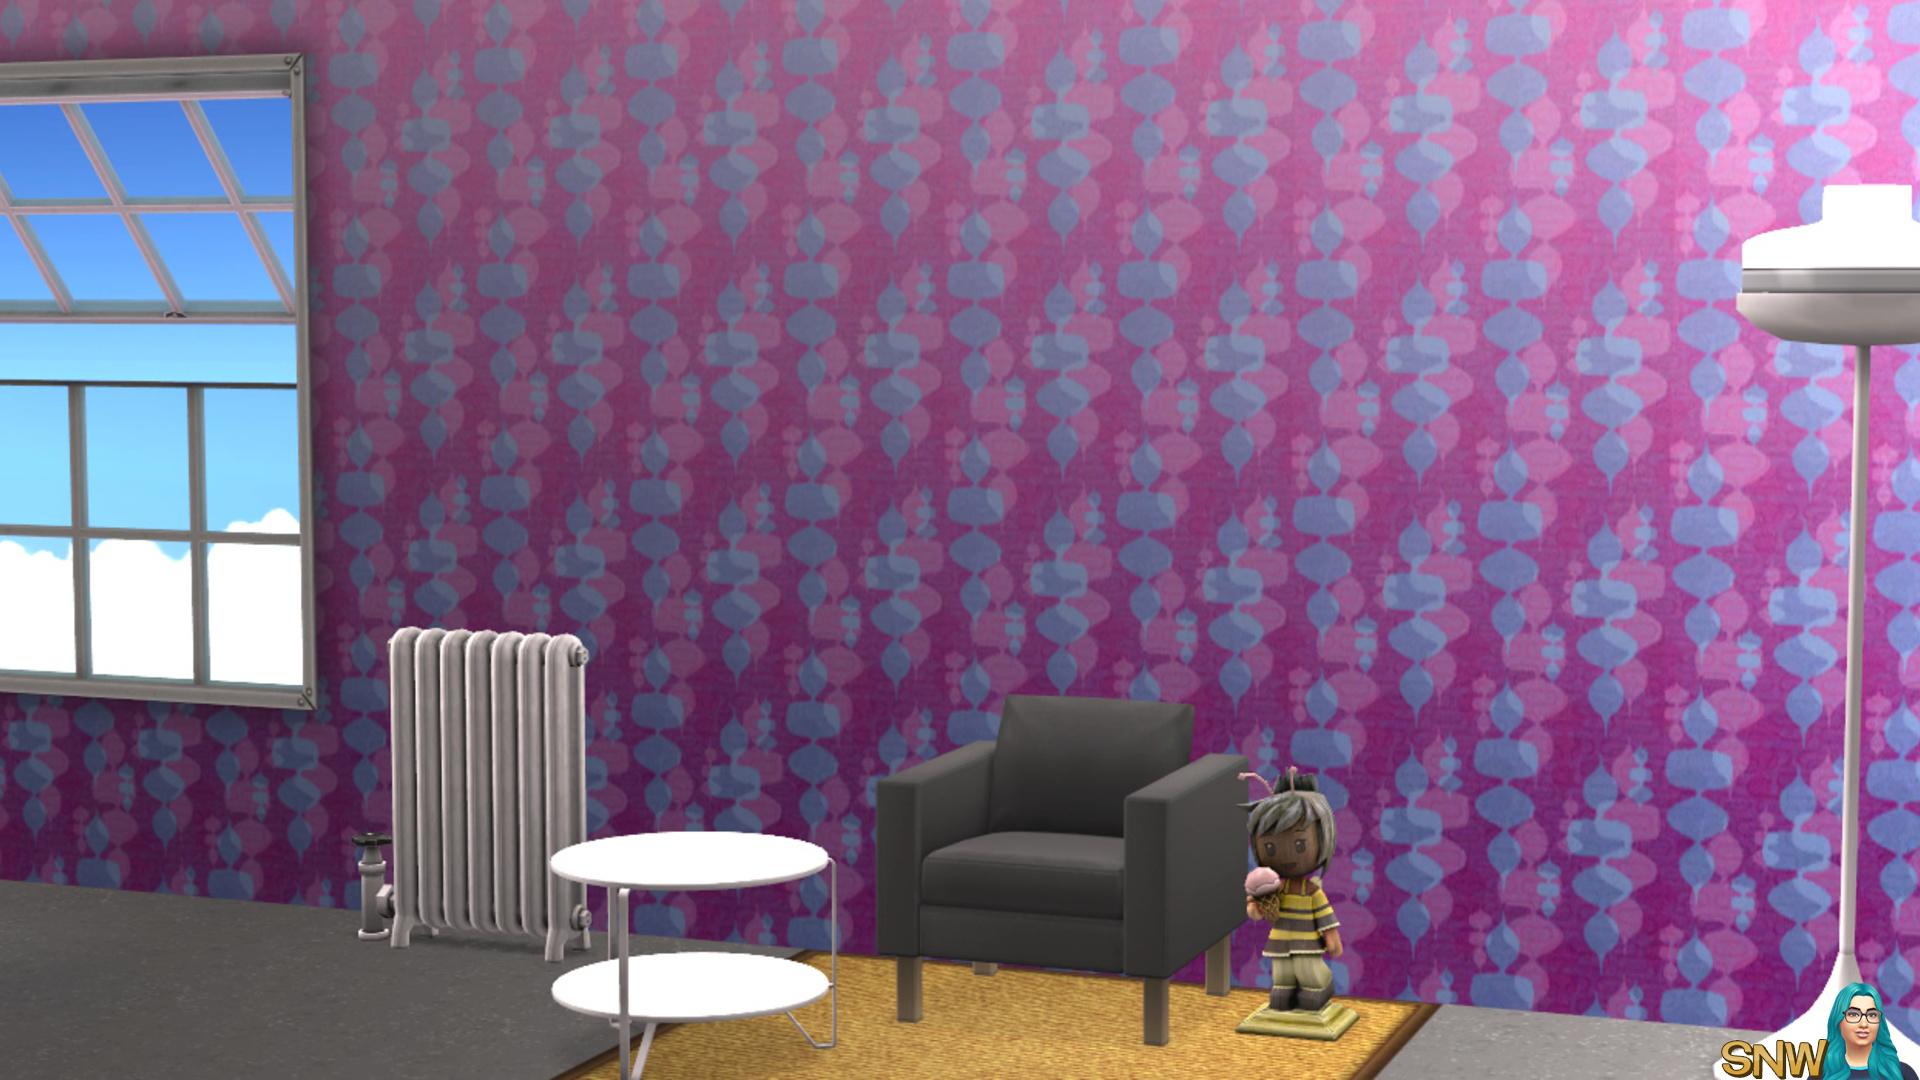 Mod wallpaper purple & blue